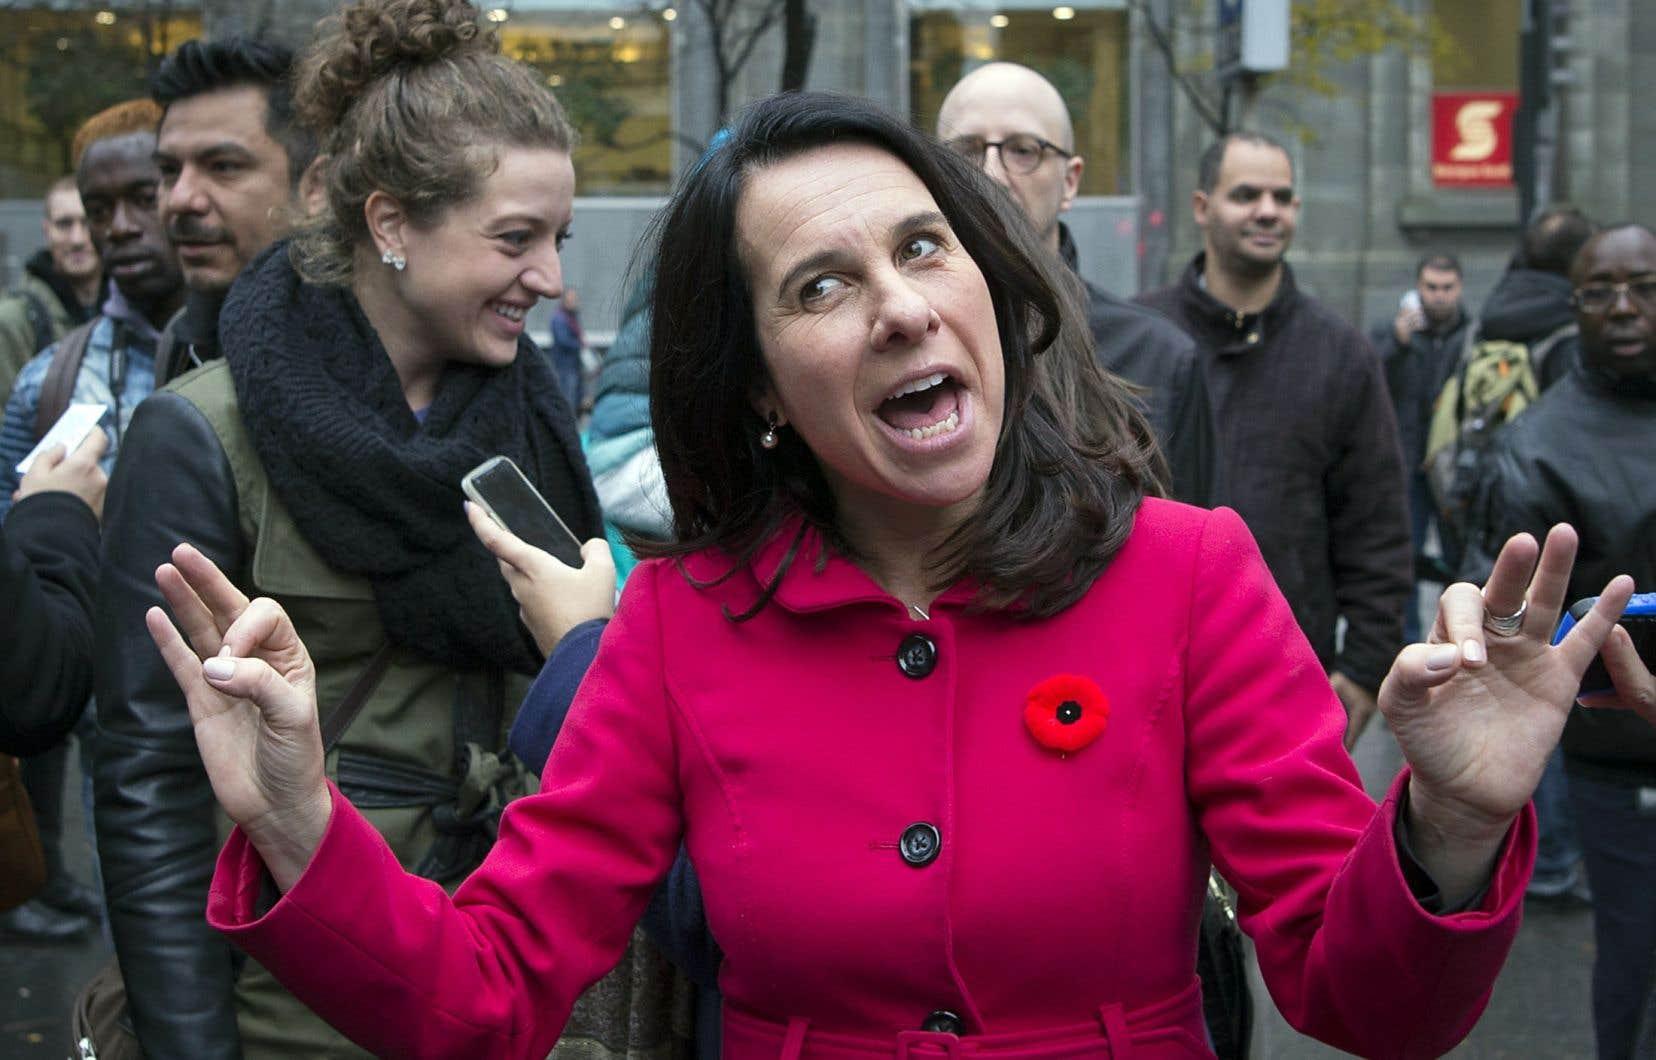 Valérie Plante a pris un premier bain de foule en tant que nouvelle élue lundi matin, à la sortie de la station de métro Square-Victoria—OACI, avant de se rendre jusqu'à l'hôtel de ville en marchant, entourée de son équipe. La bonne humeur était palpable.